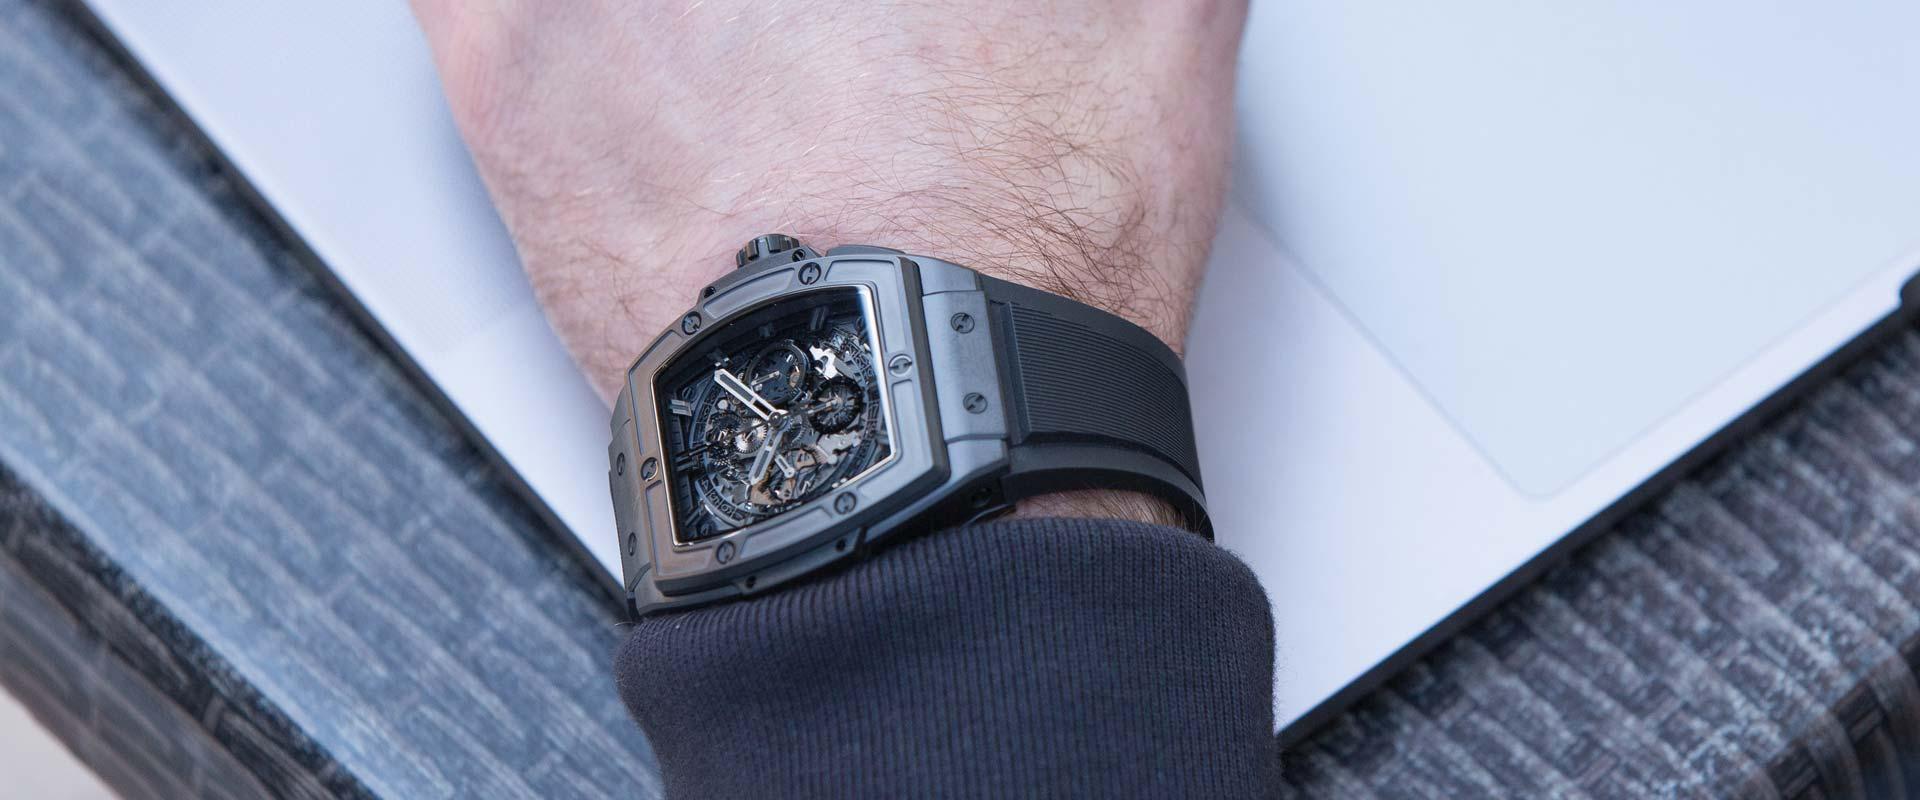 Hublot Spirit of Big Bang All Black Watch 42mm 641.CI.0110.RX